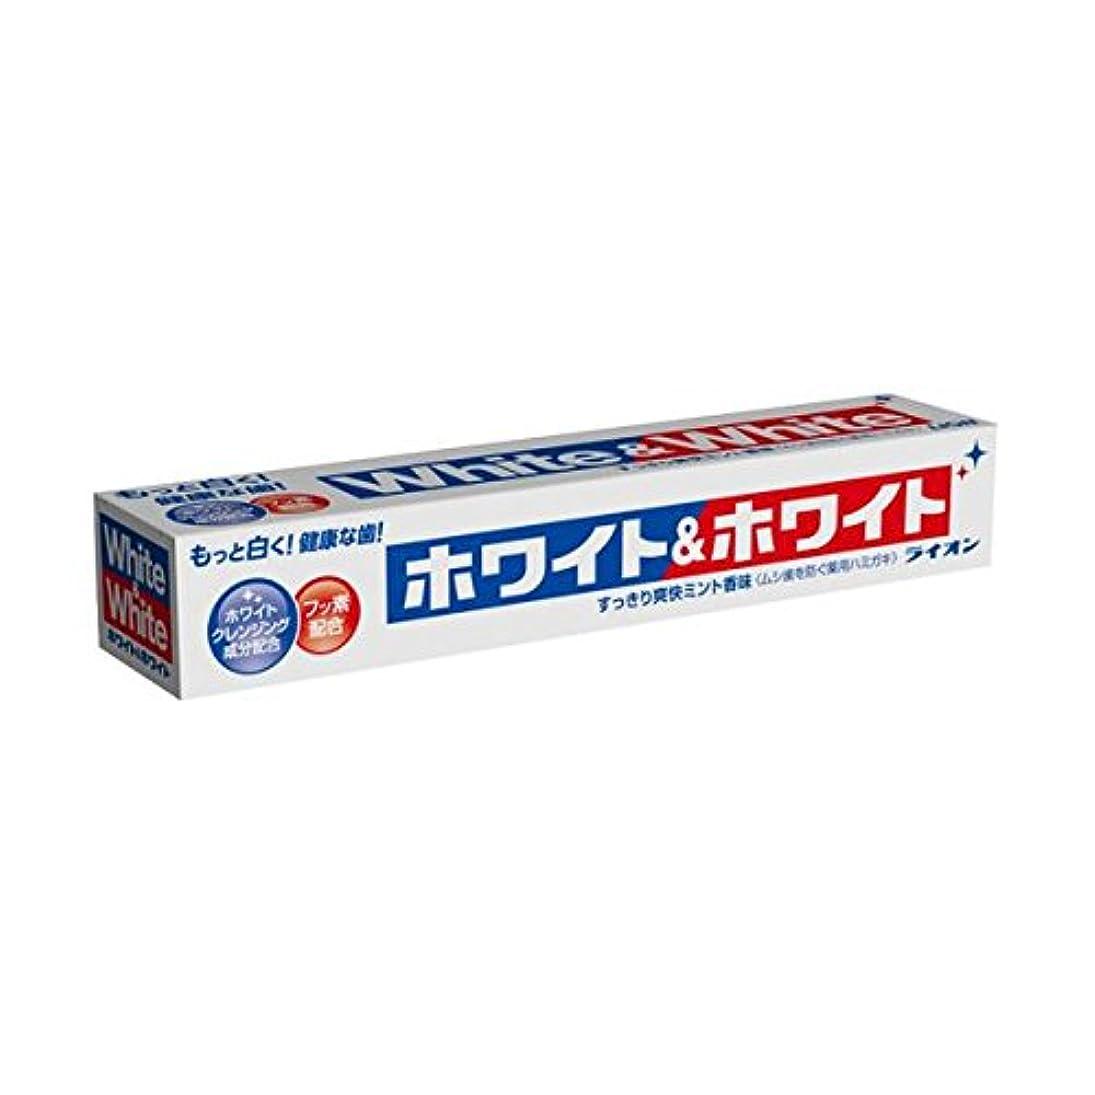 つぼみ財産担当者ホワイト&ホワイト 150g ×10個セット